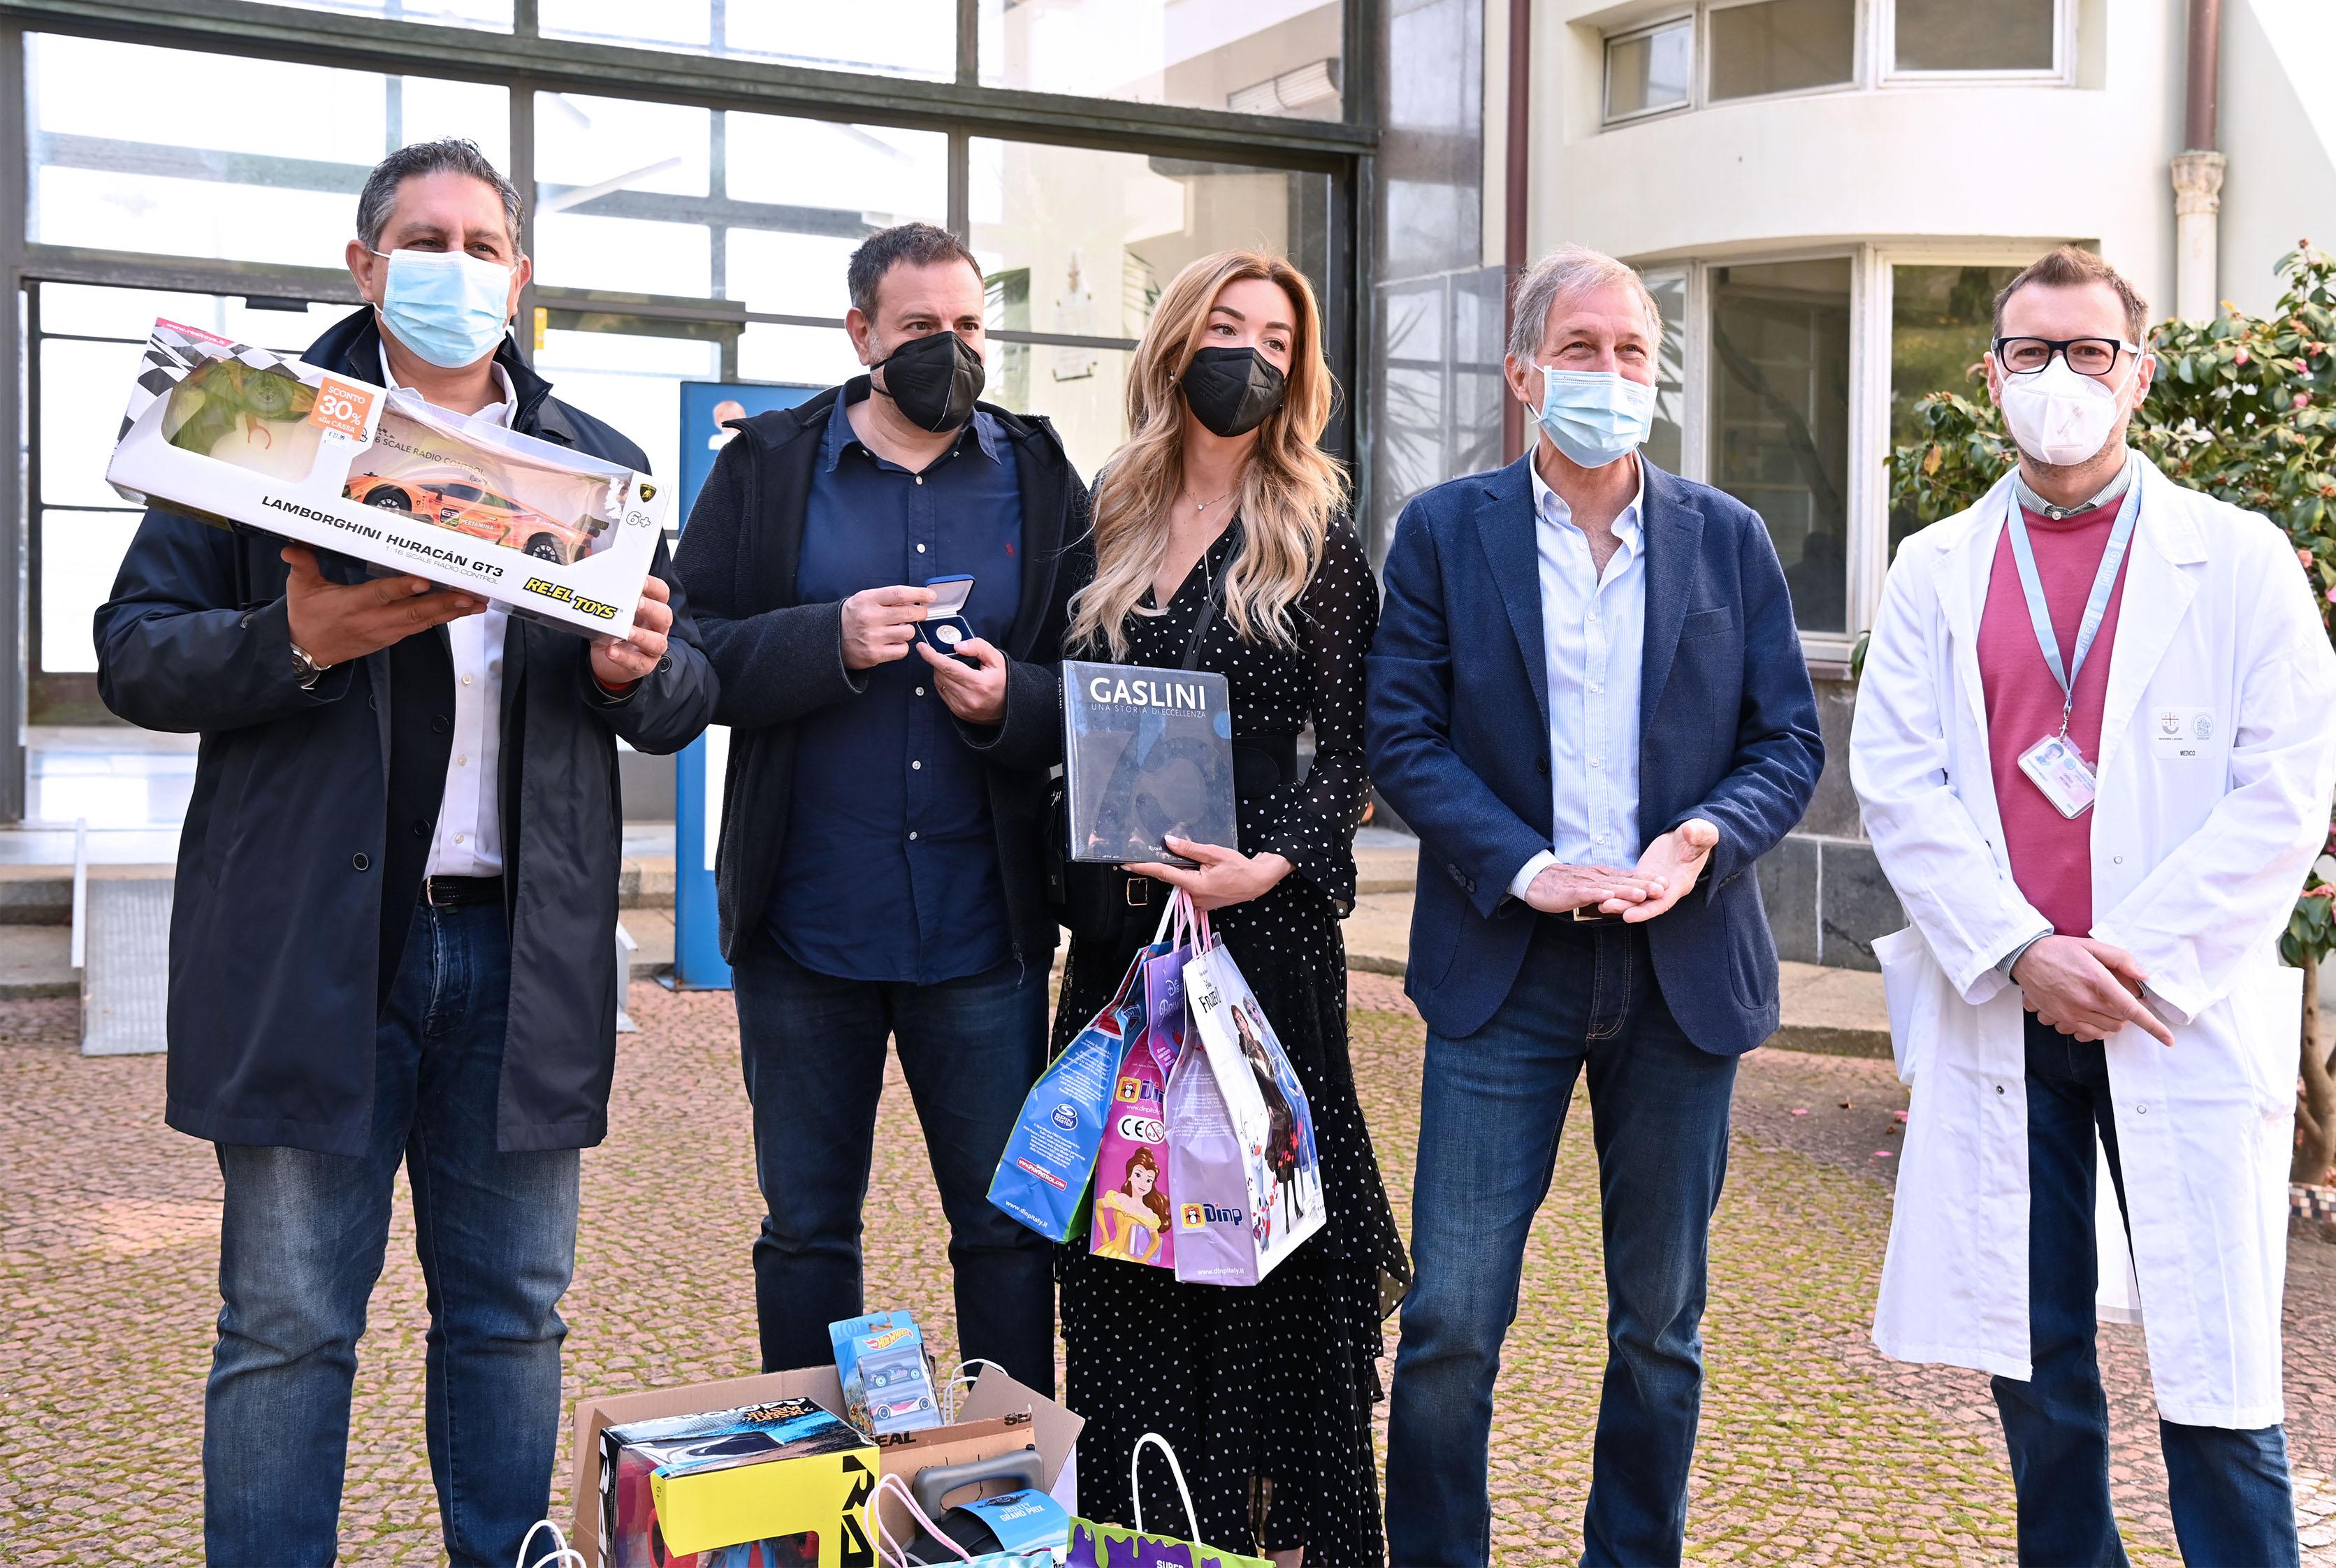 Gaslini: Silvia Salis in visita ai giovanissimi pazienti